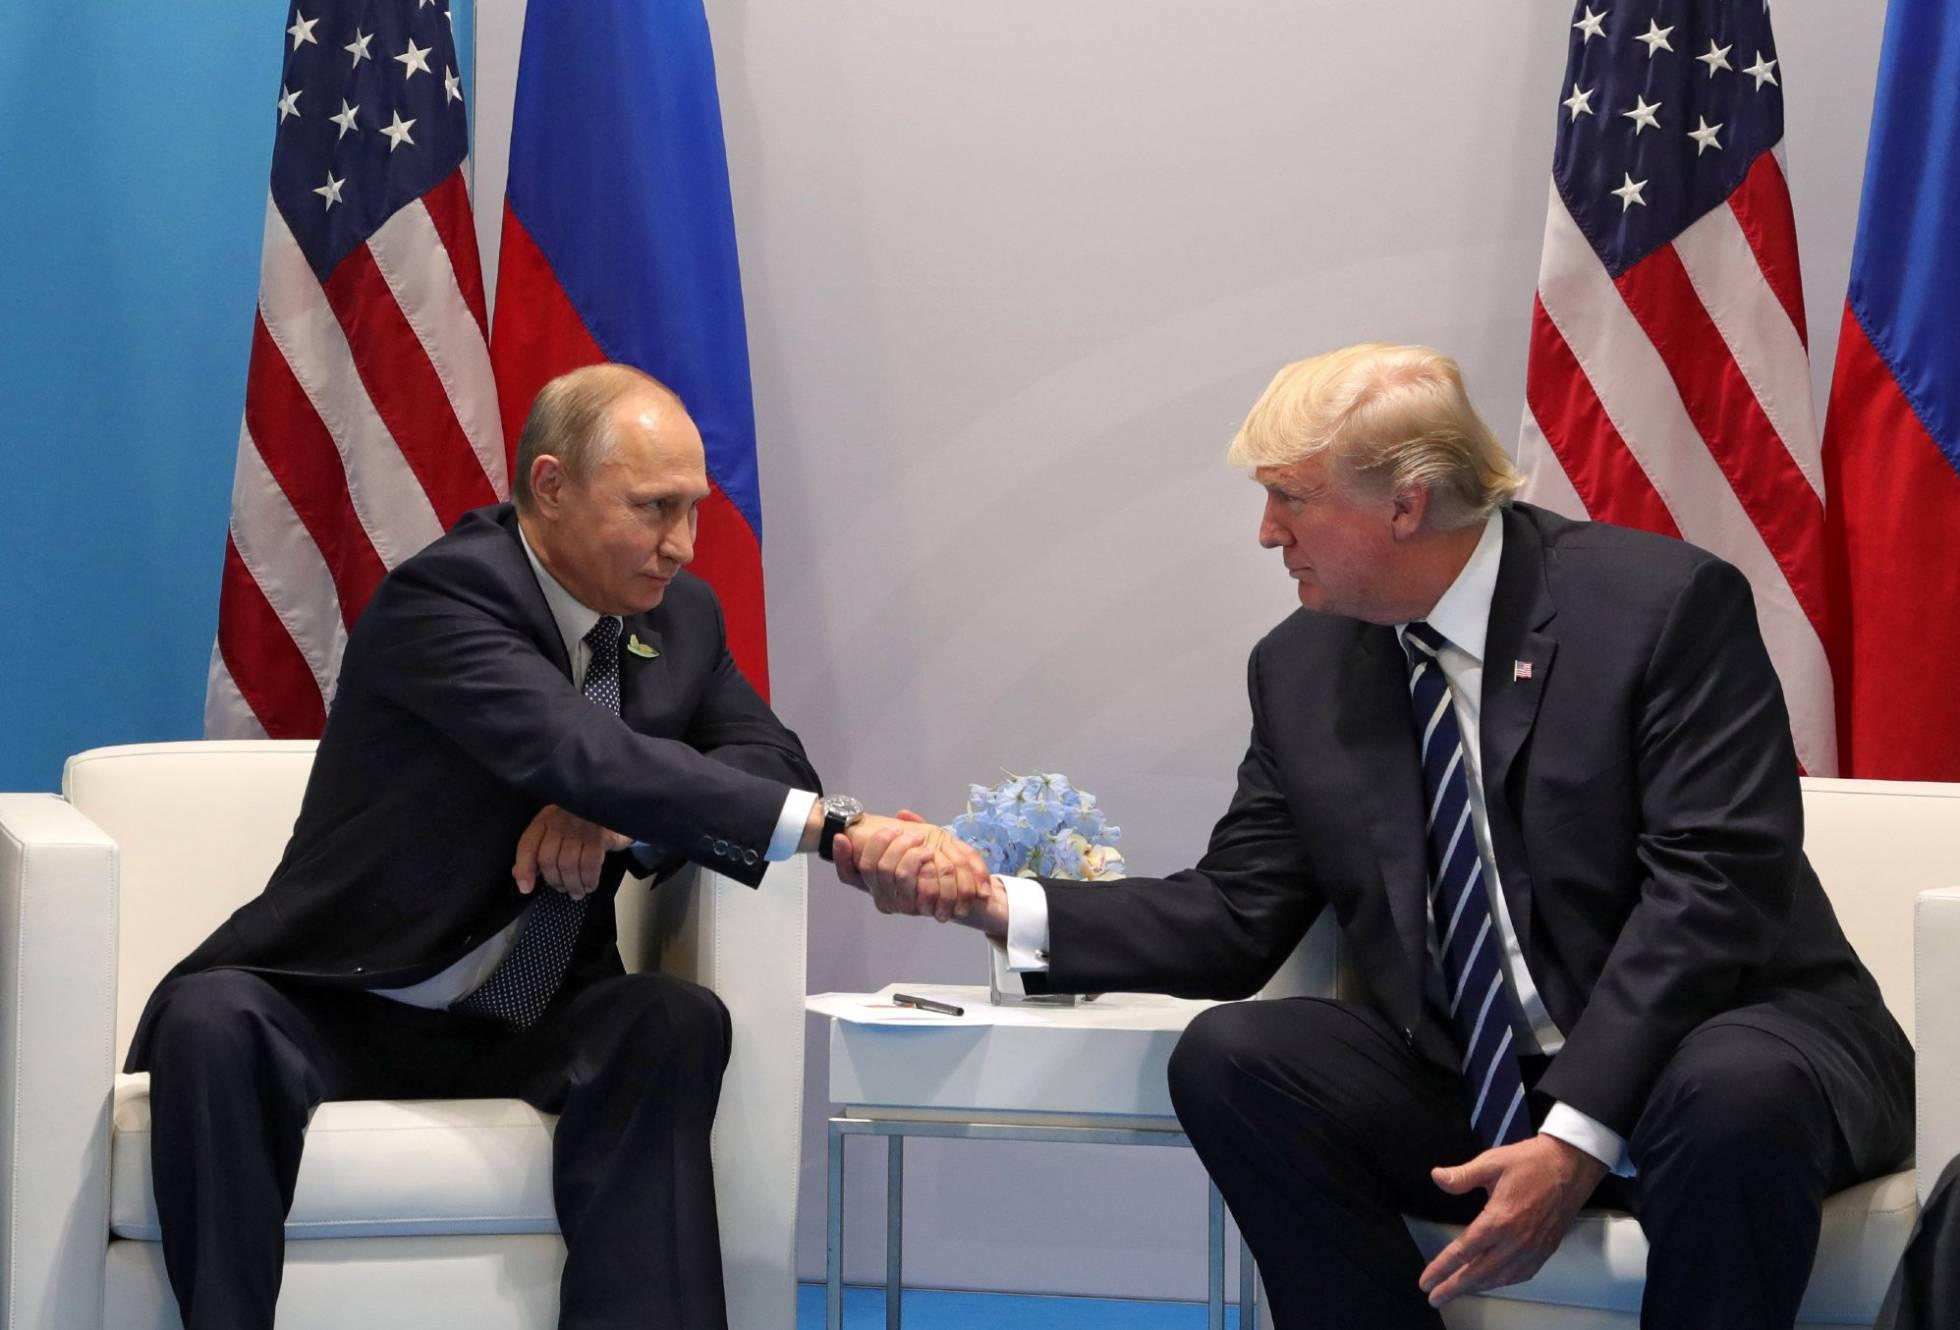 militar - Guerra Económica contra Rusia - Página 14 1501504321_390925_1501505002_noticia_normal_recorte1